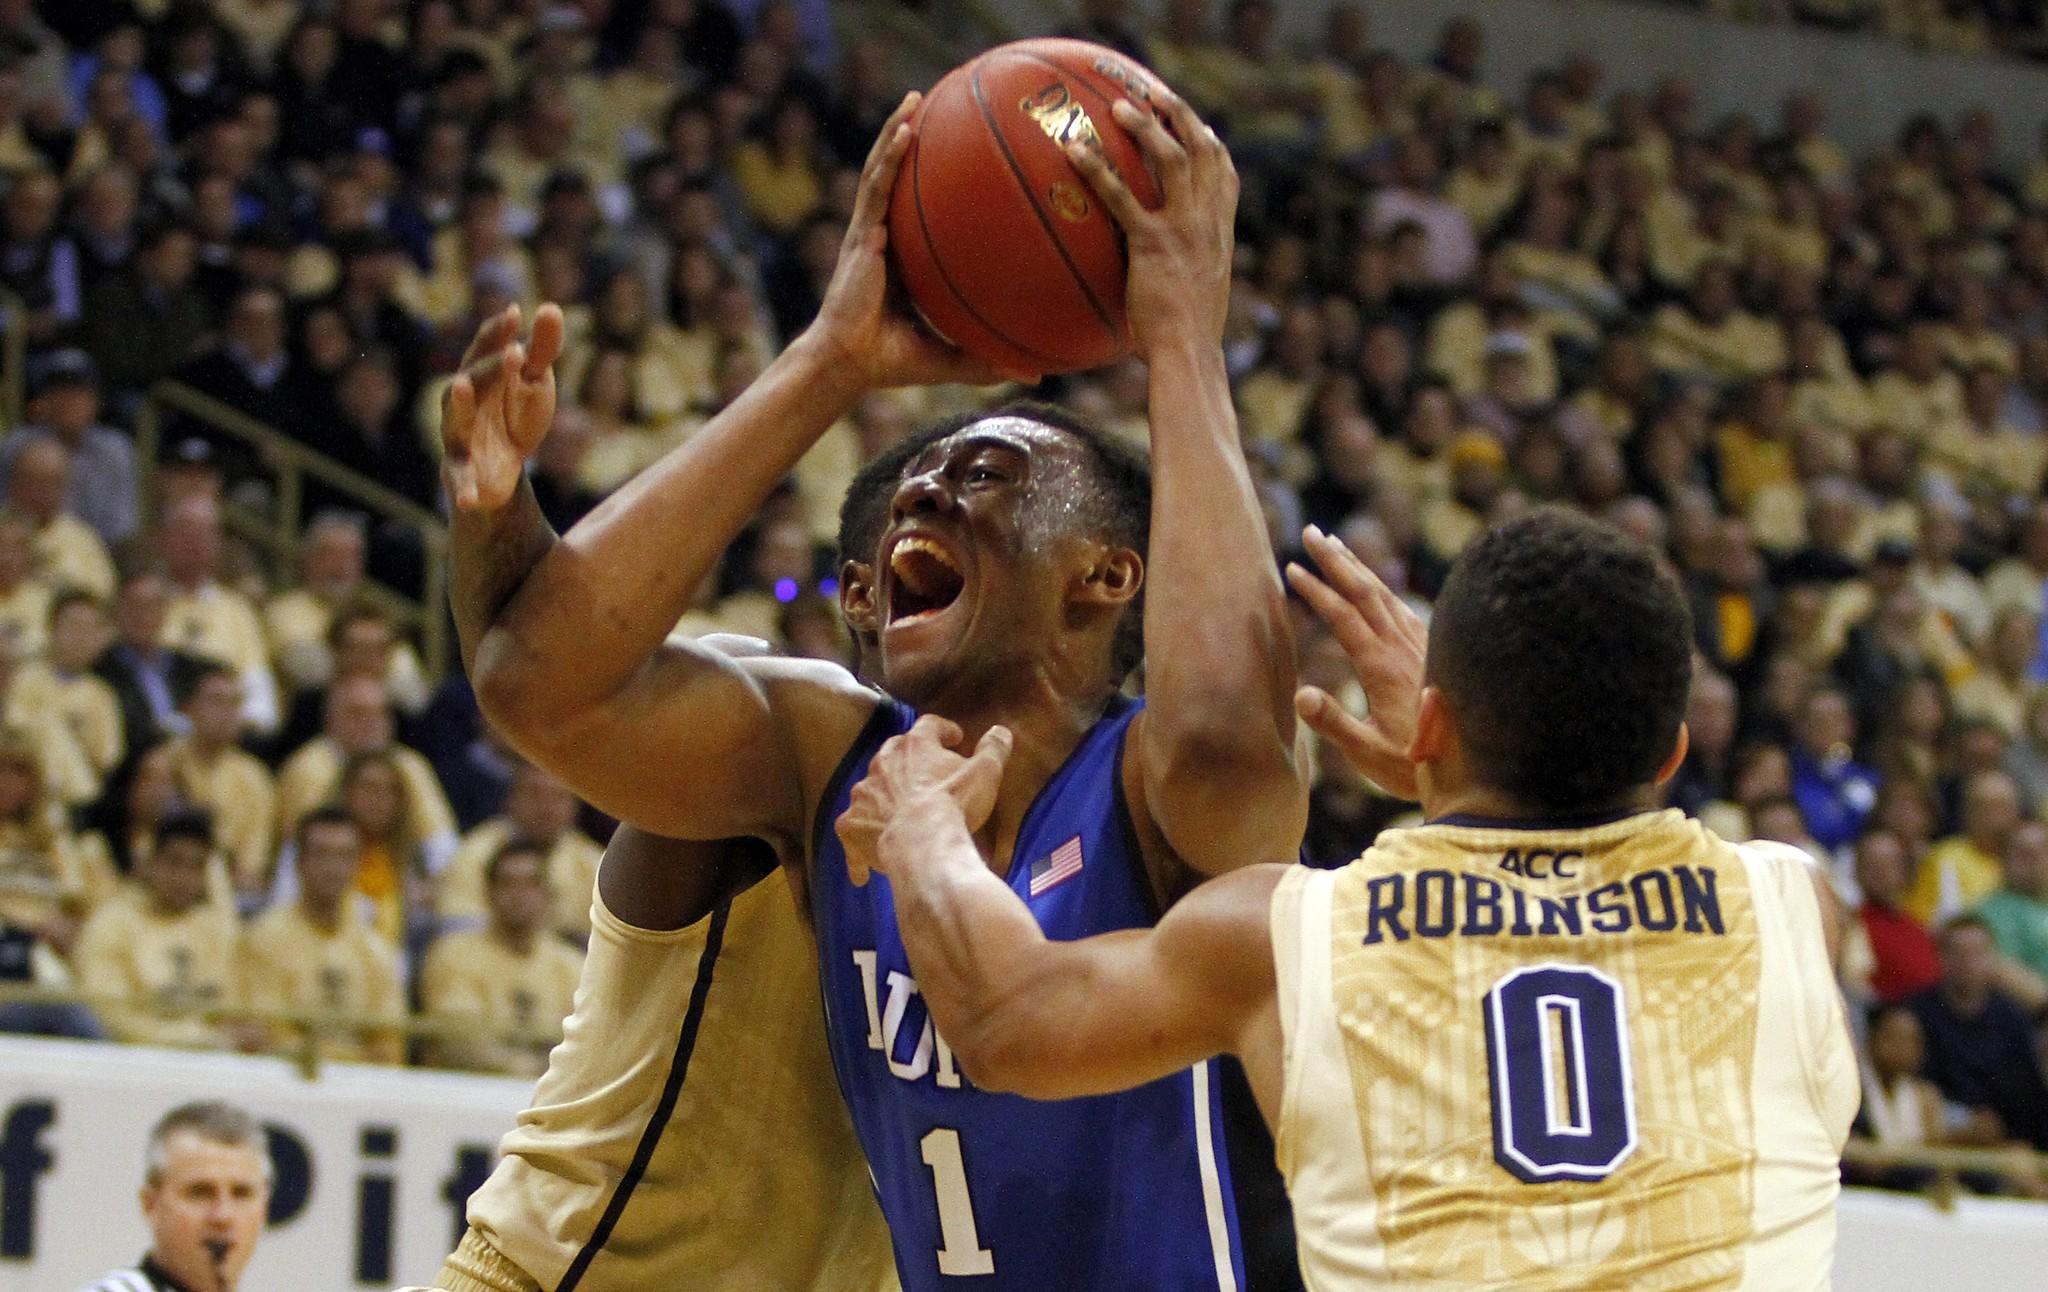 Duke's Jabari Parker drives to the hoop against Pitt's James Robinson.